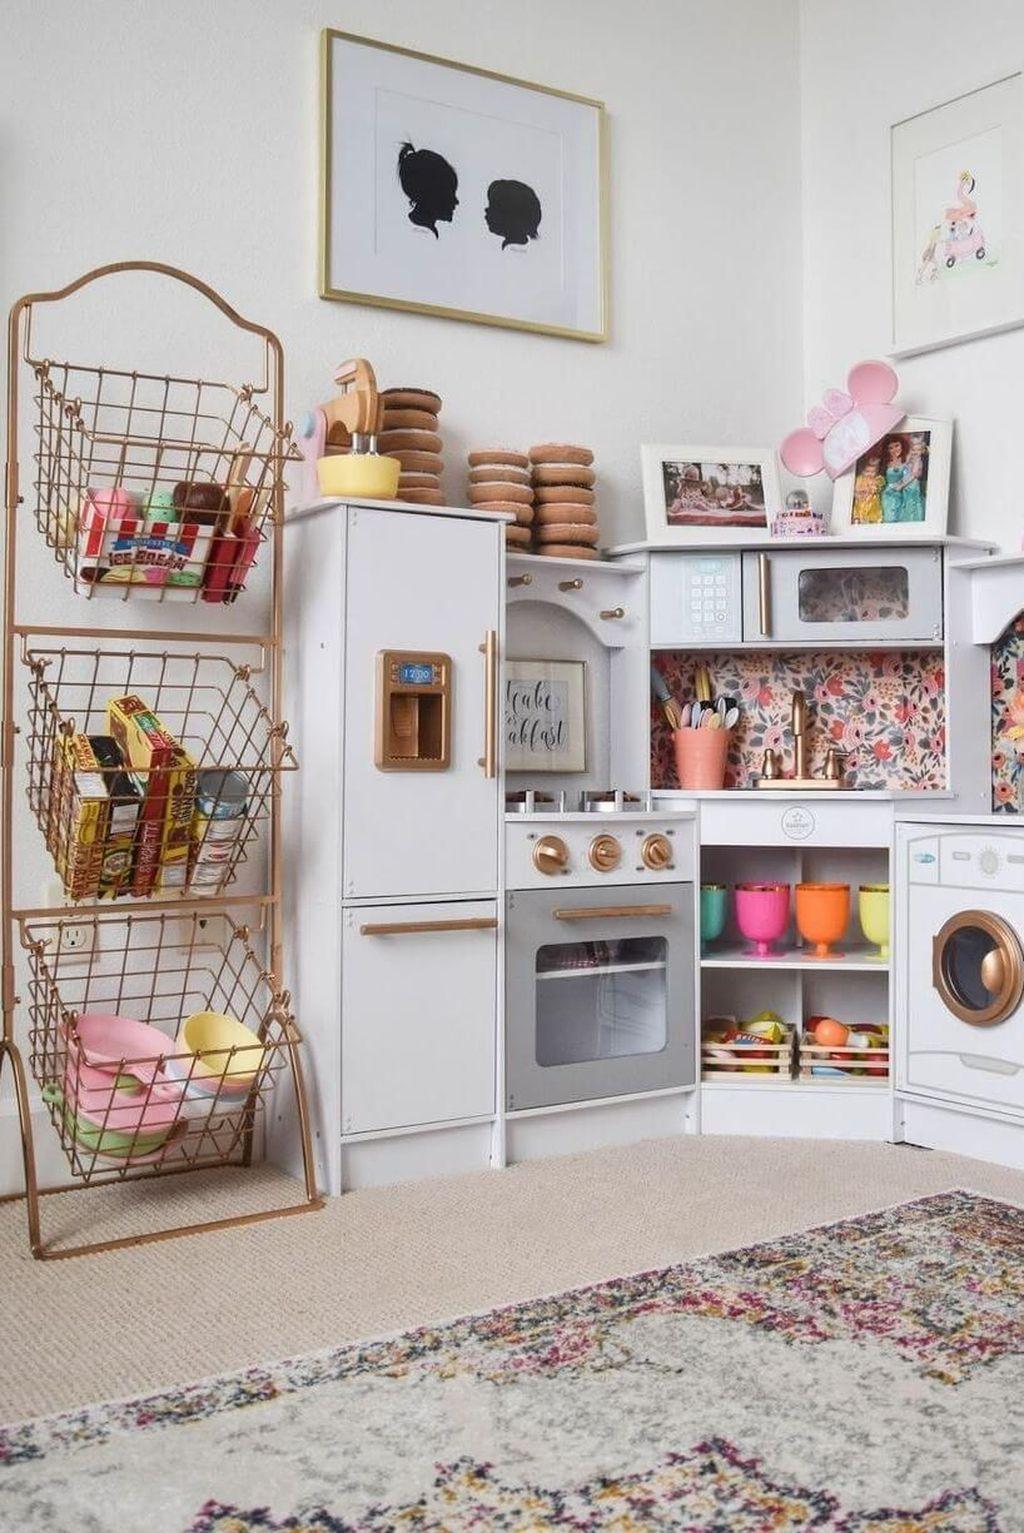 Inspiring Toy Storage Design Ideas 17